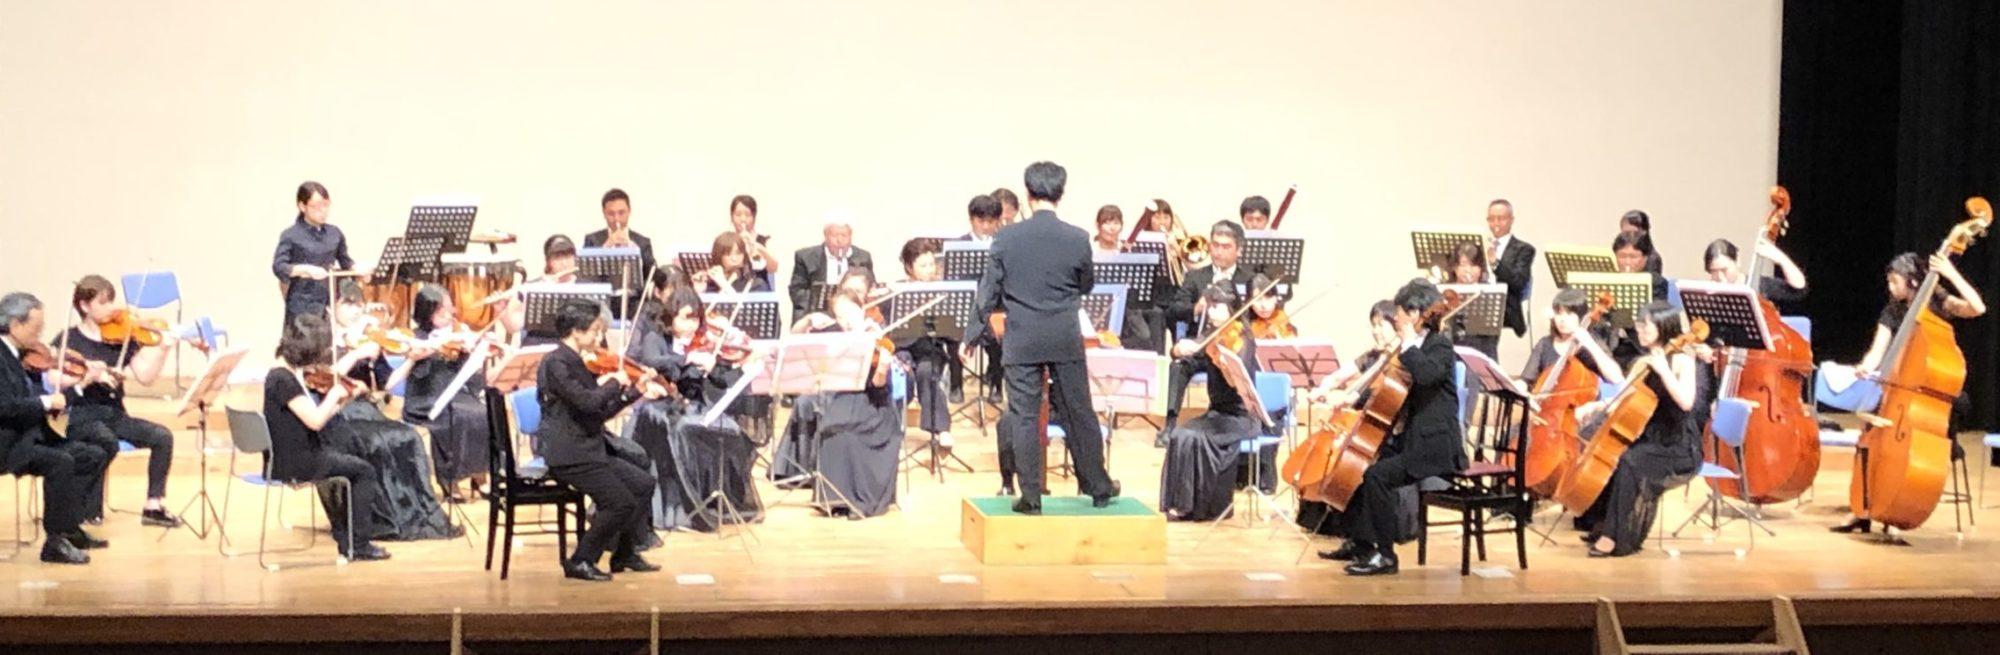 上福岡フィルハーモニー管弦楽団